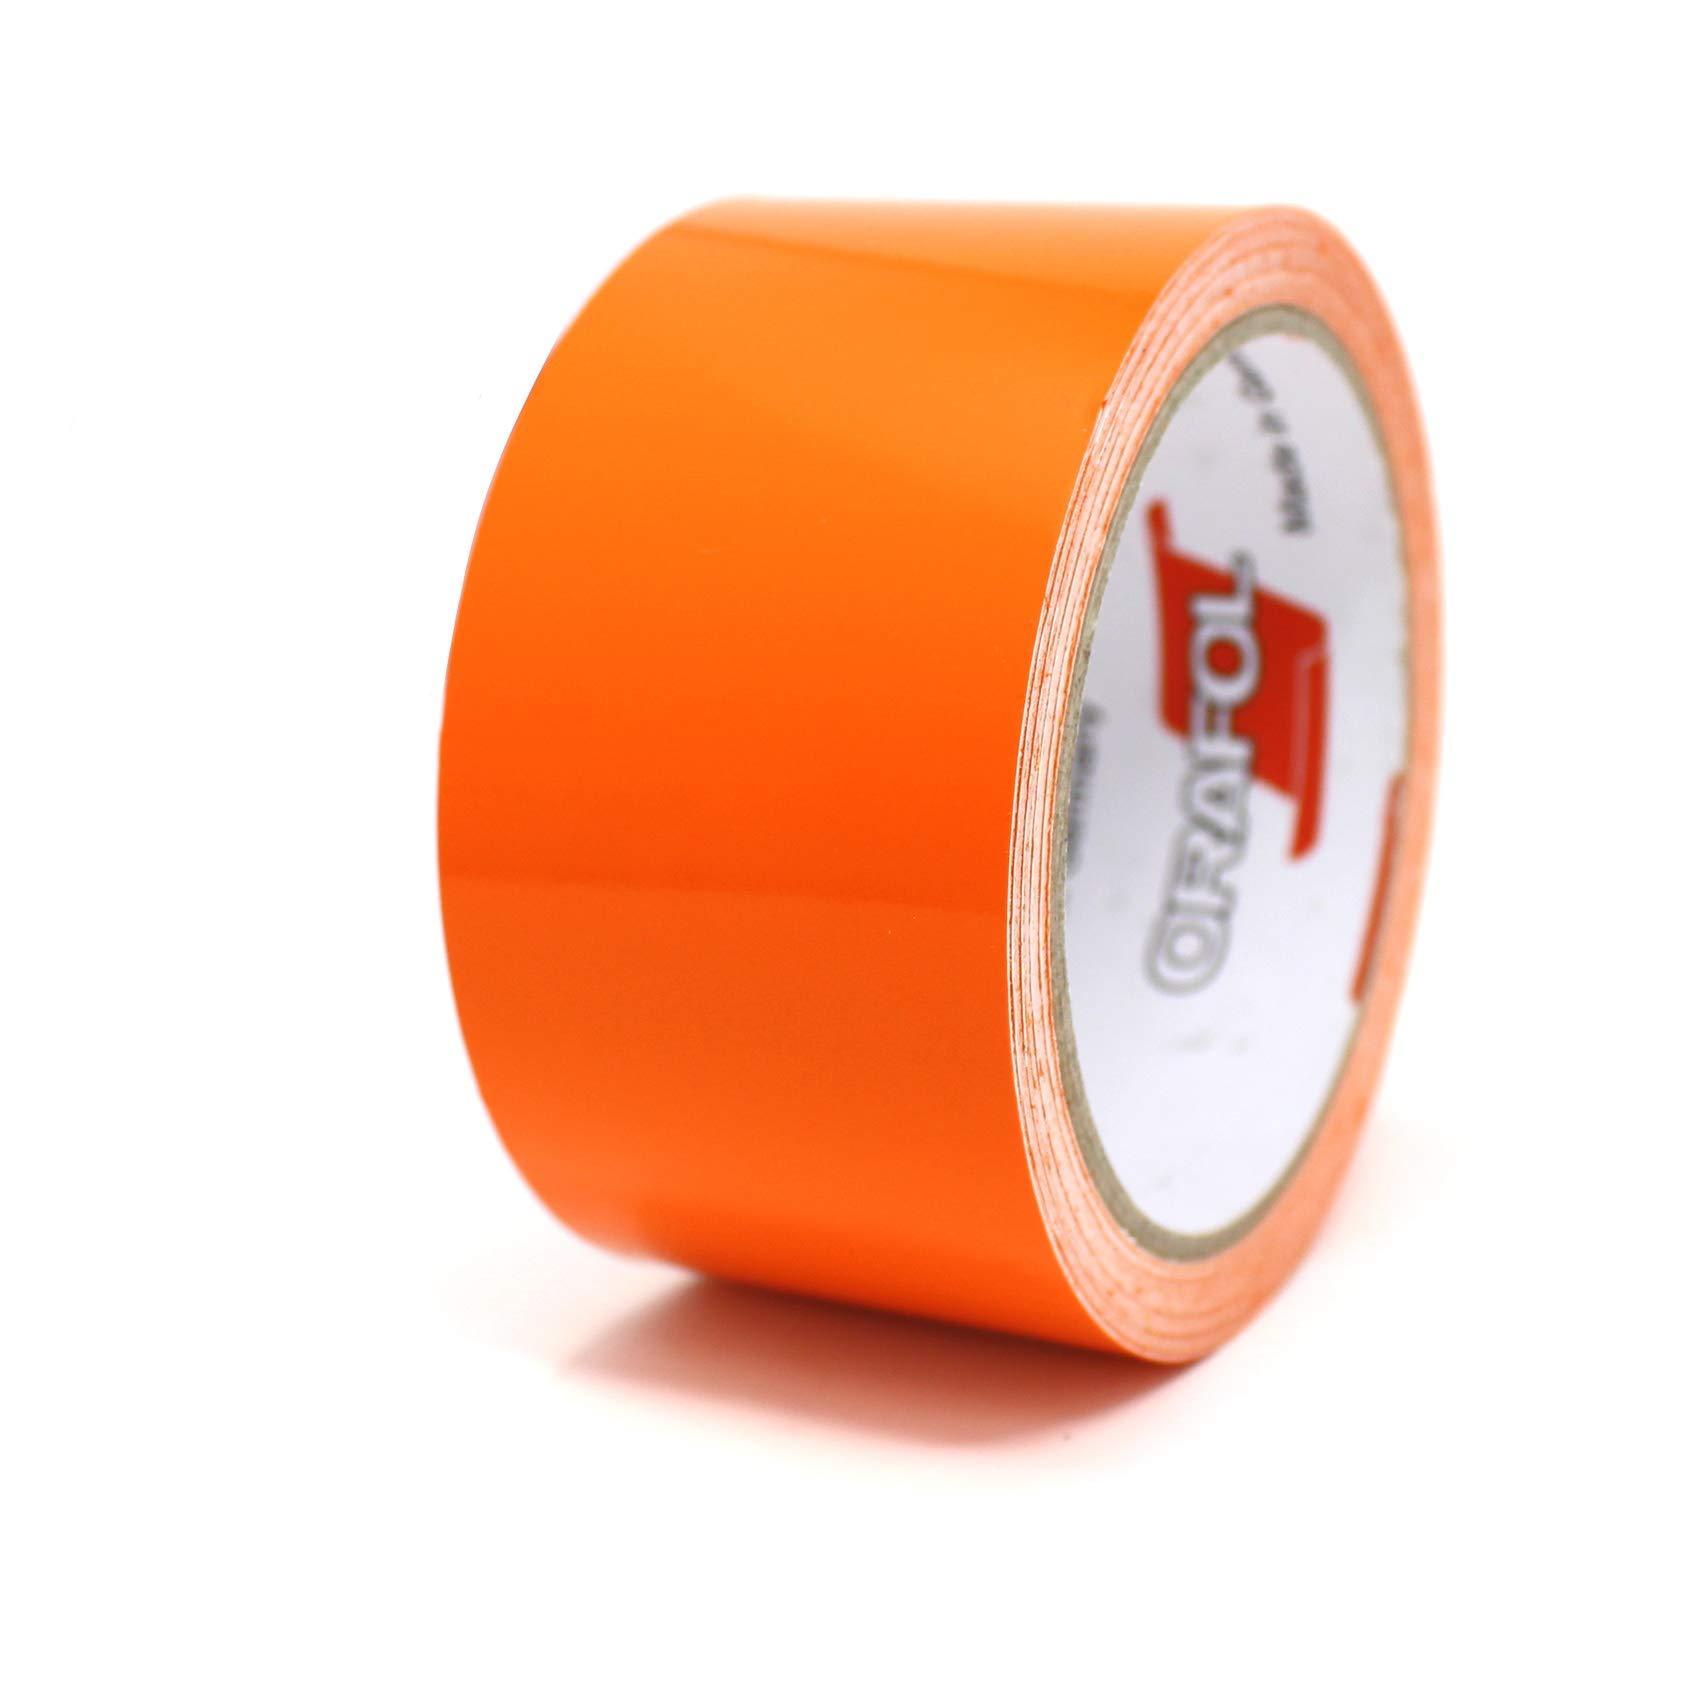 Zierstreifen 40mm Orange Glanz 10m Auto Modellbau 30 Stripe Boot 4 Cm Dekor Gtti Gm